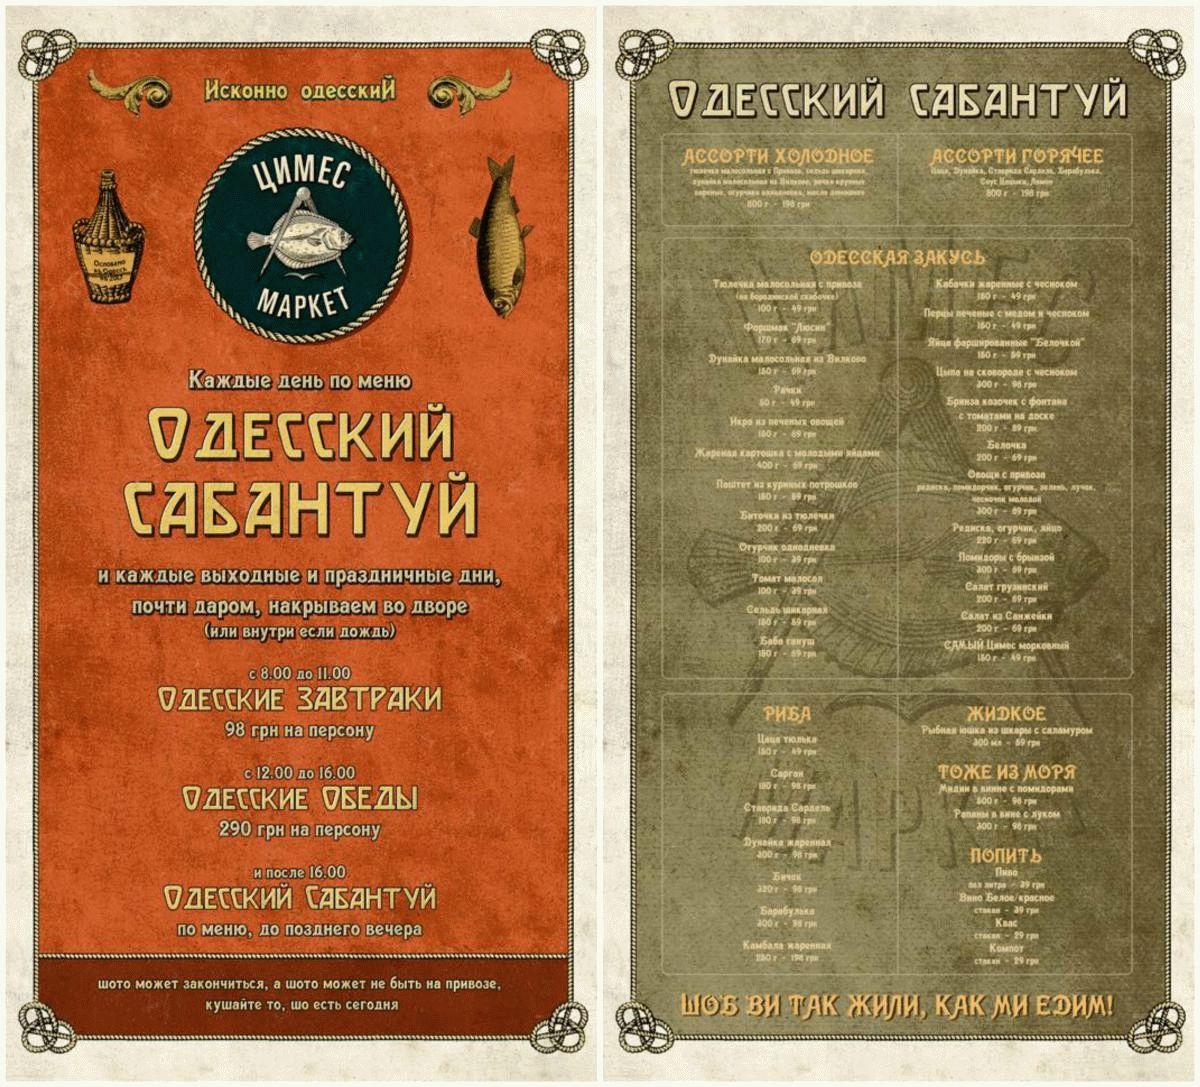 фото http://borysov.com.ua/